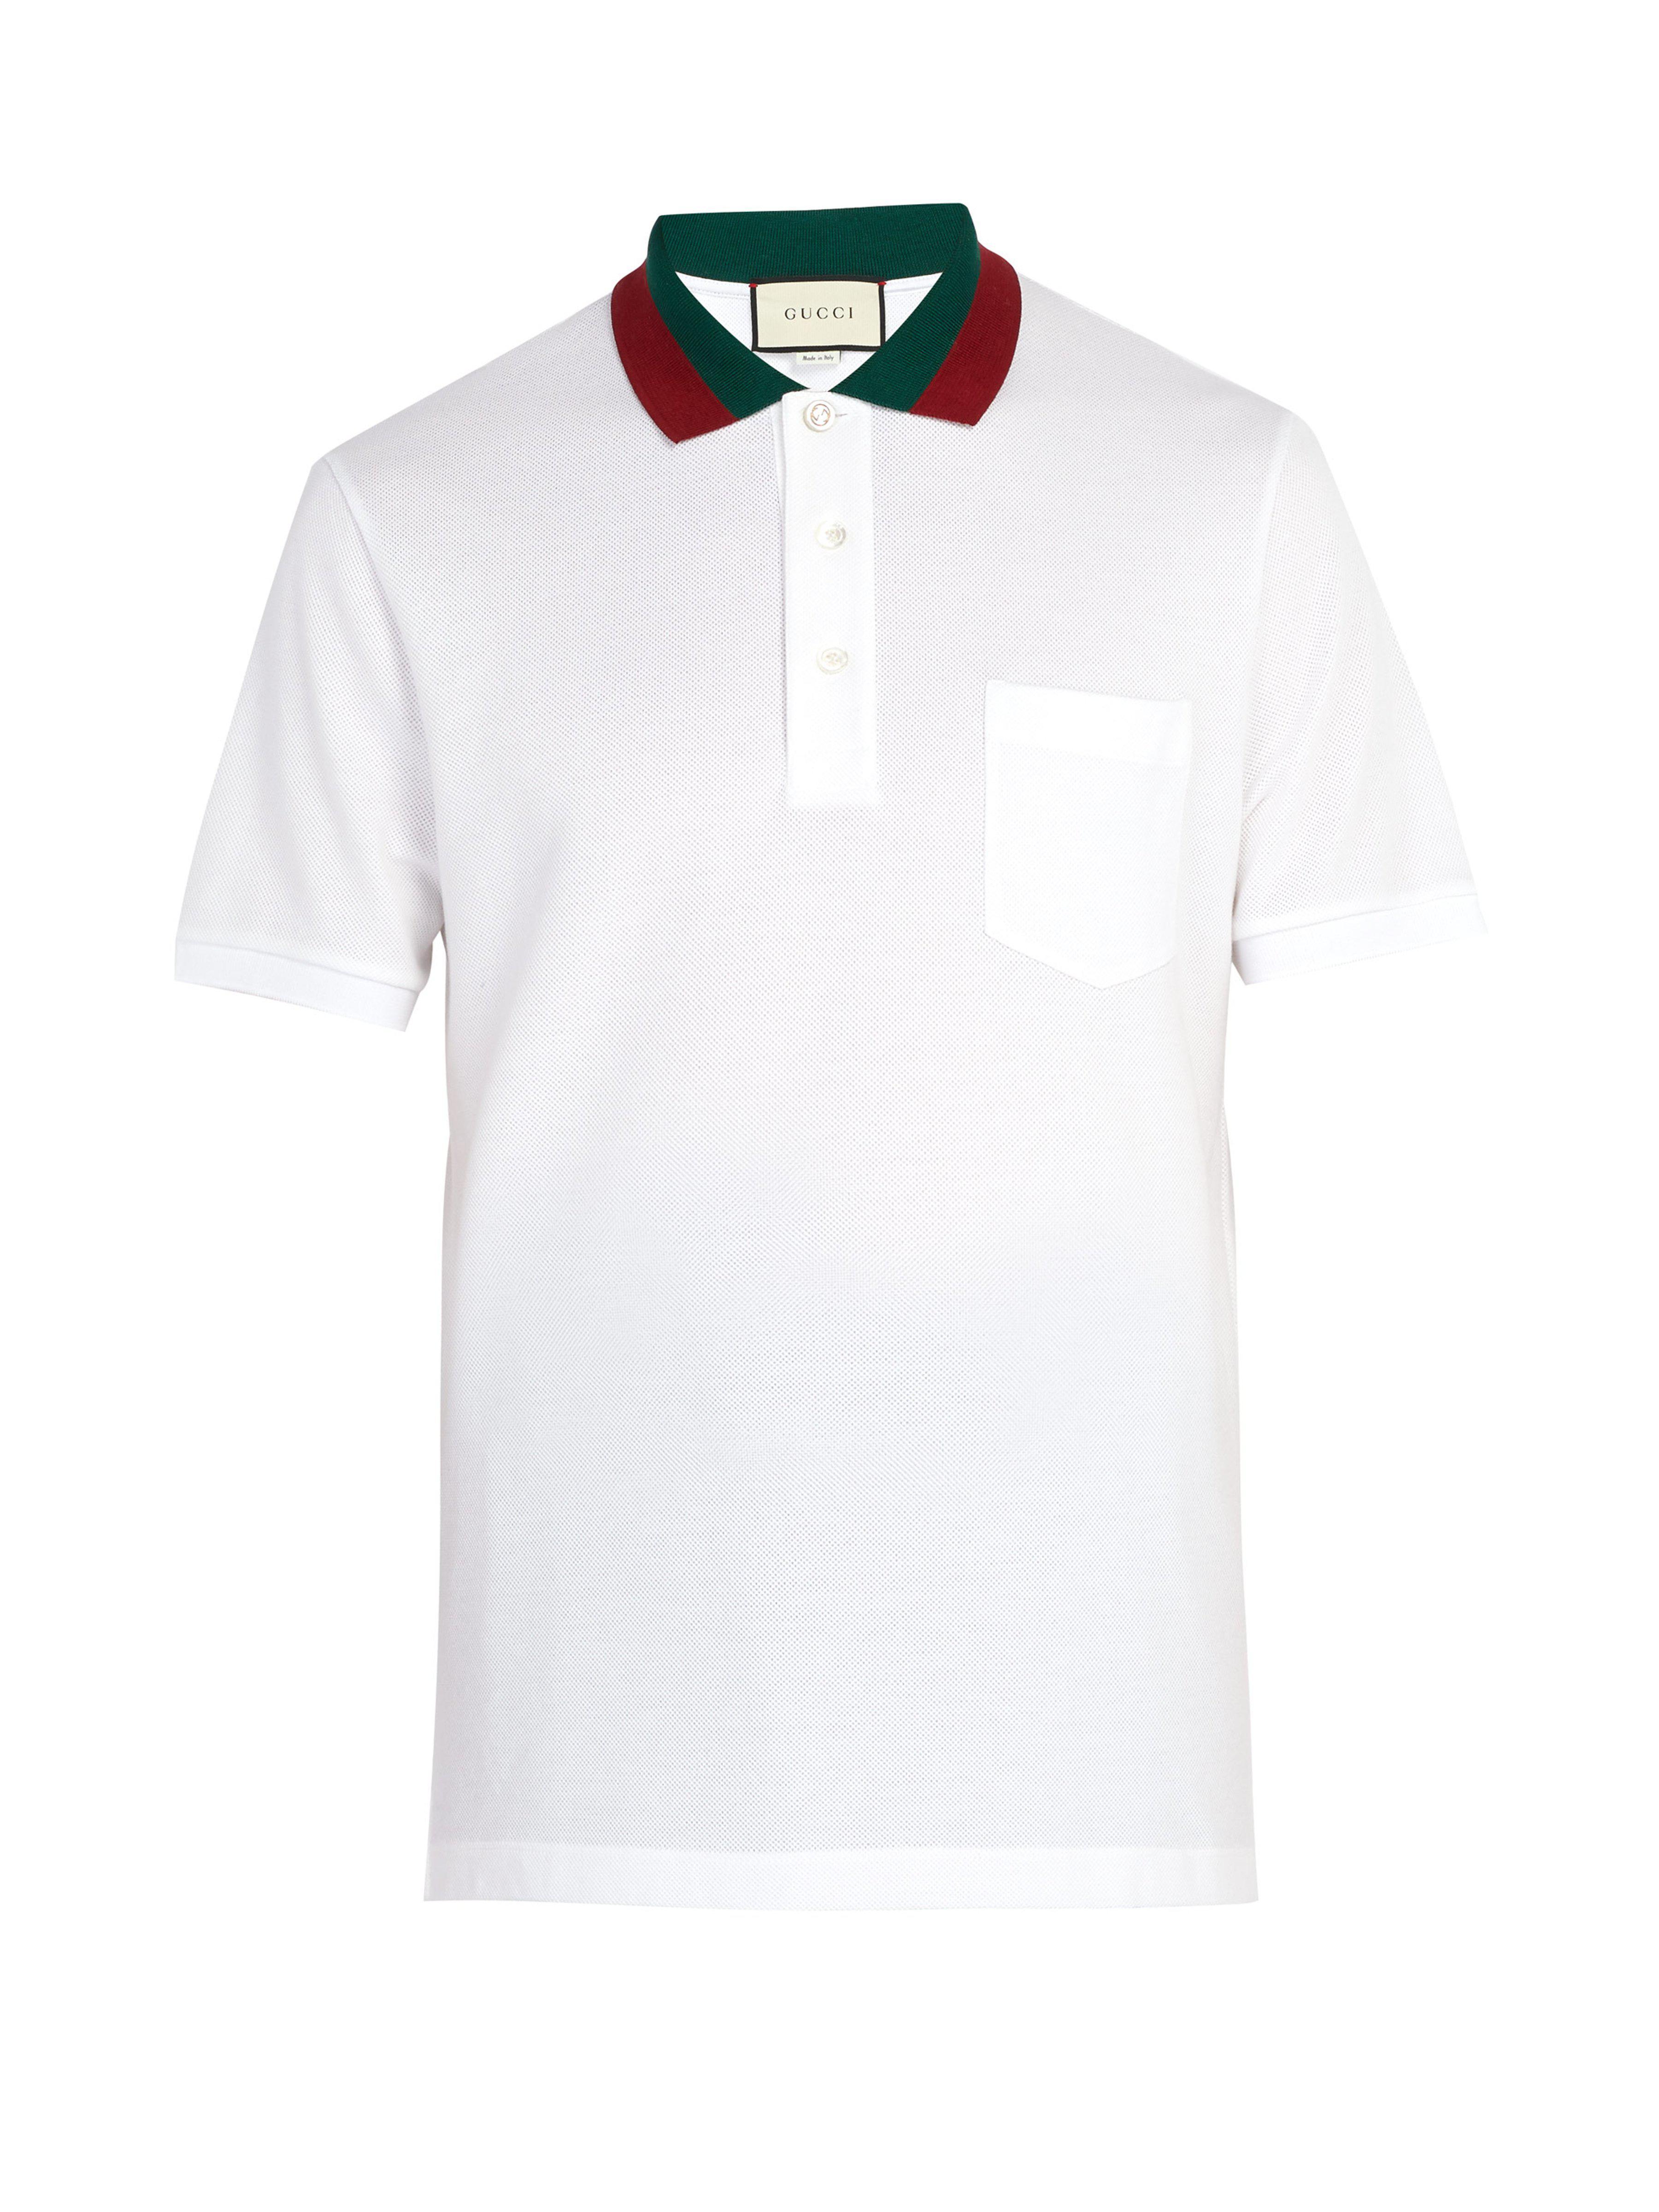 3b1e29eddd6 Lyst - Polo en piqué de coton à col bande Web Gucci pour homme en ...